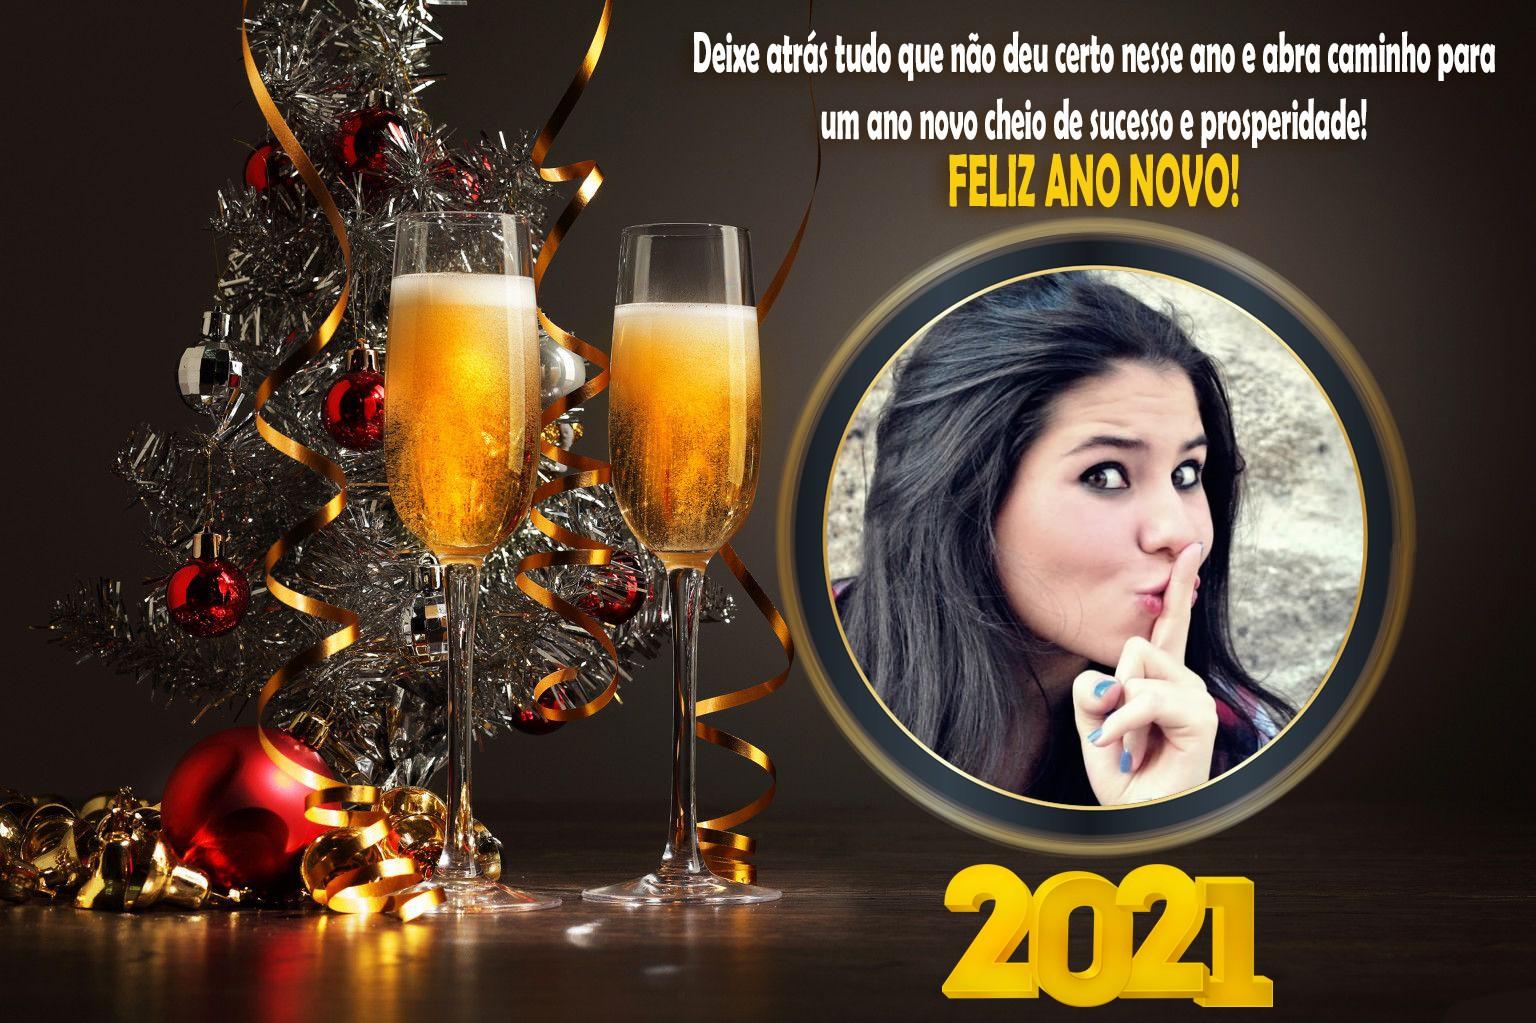 moldura-sucesso-e-prosperidade-2021